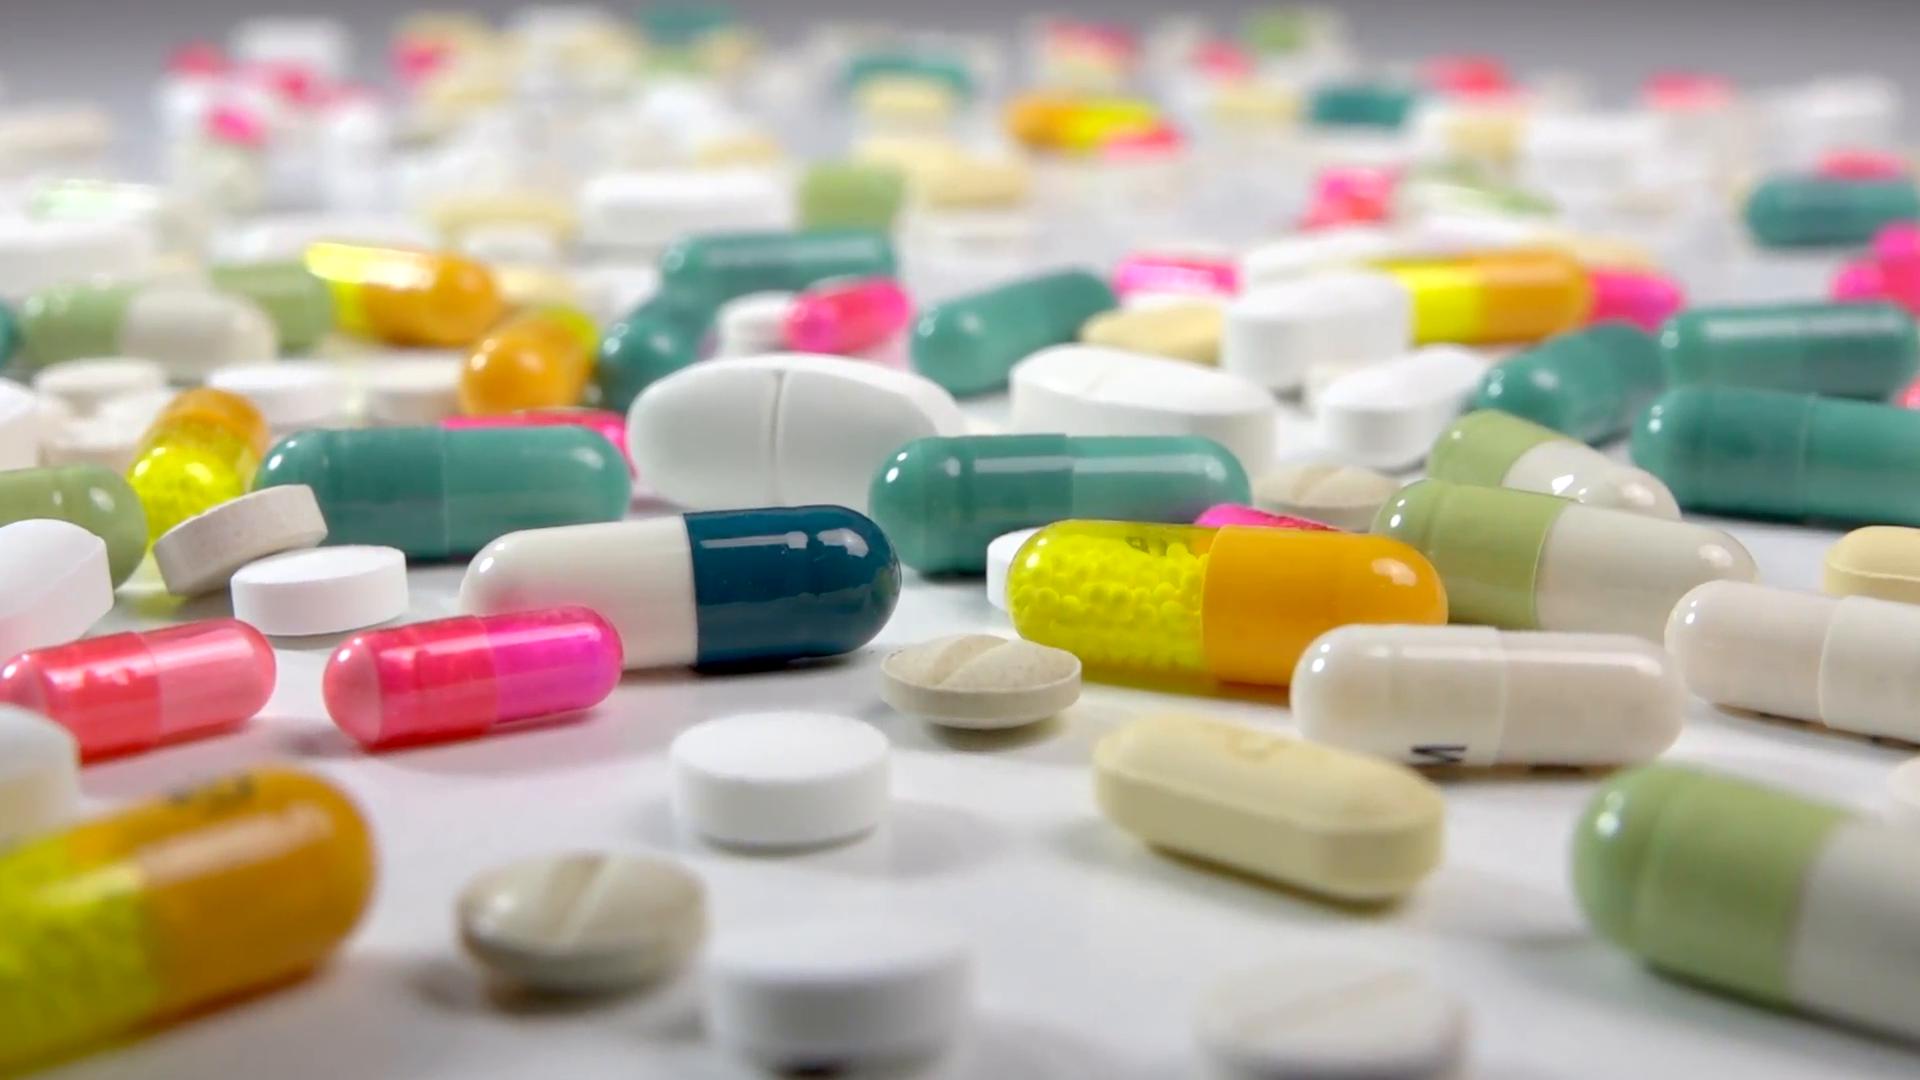 نکات مهم در مصرف داروی  تمازپام